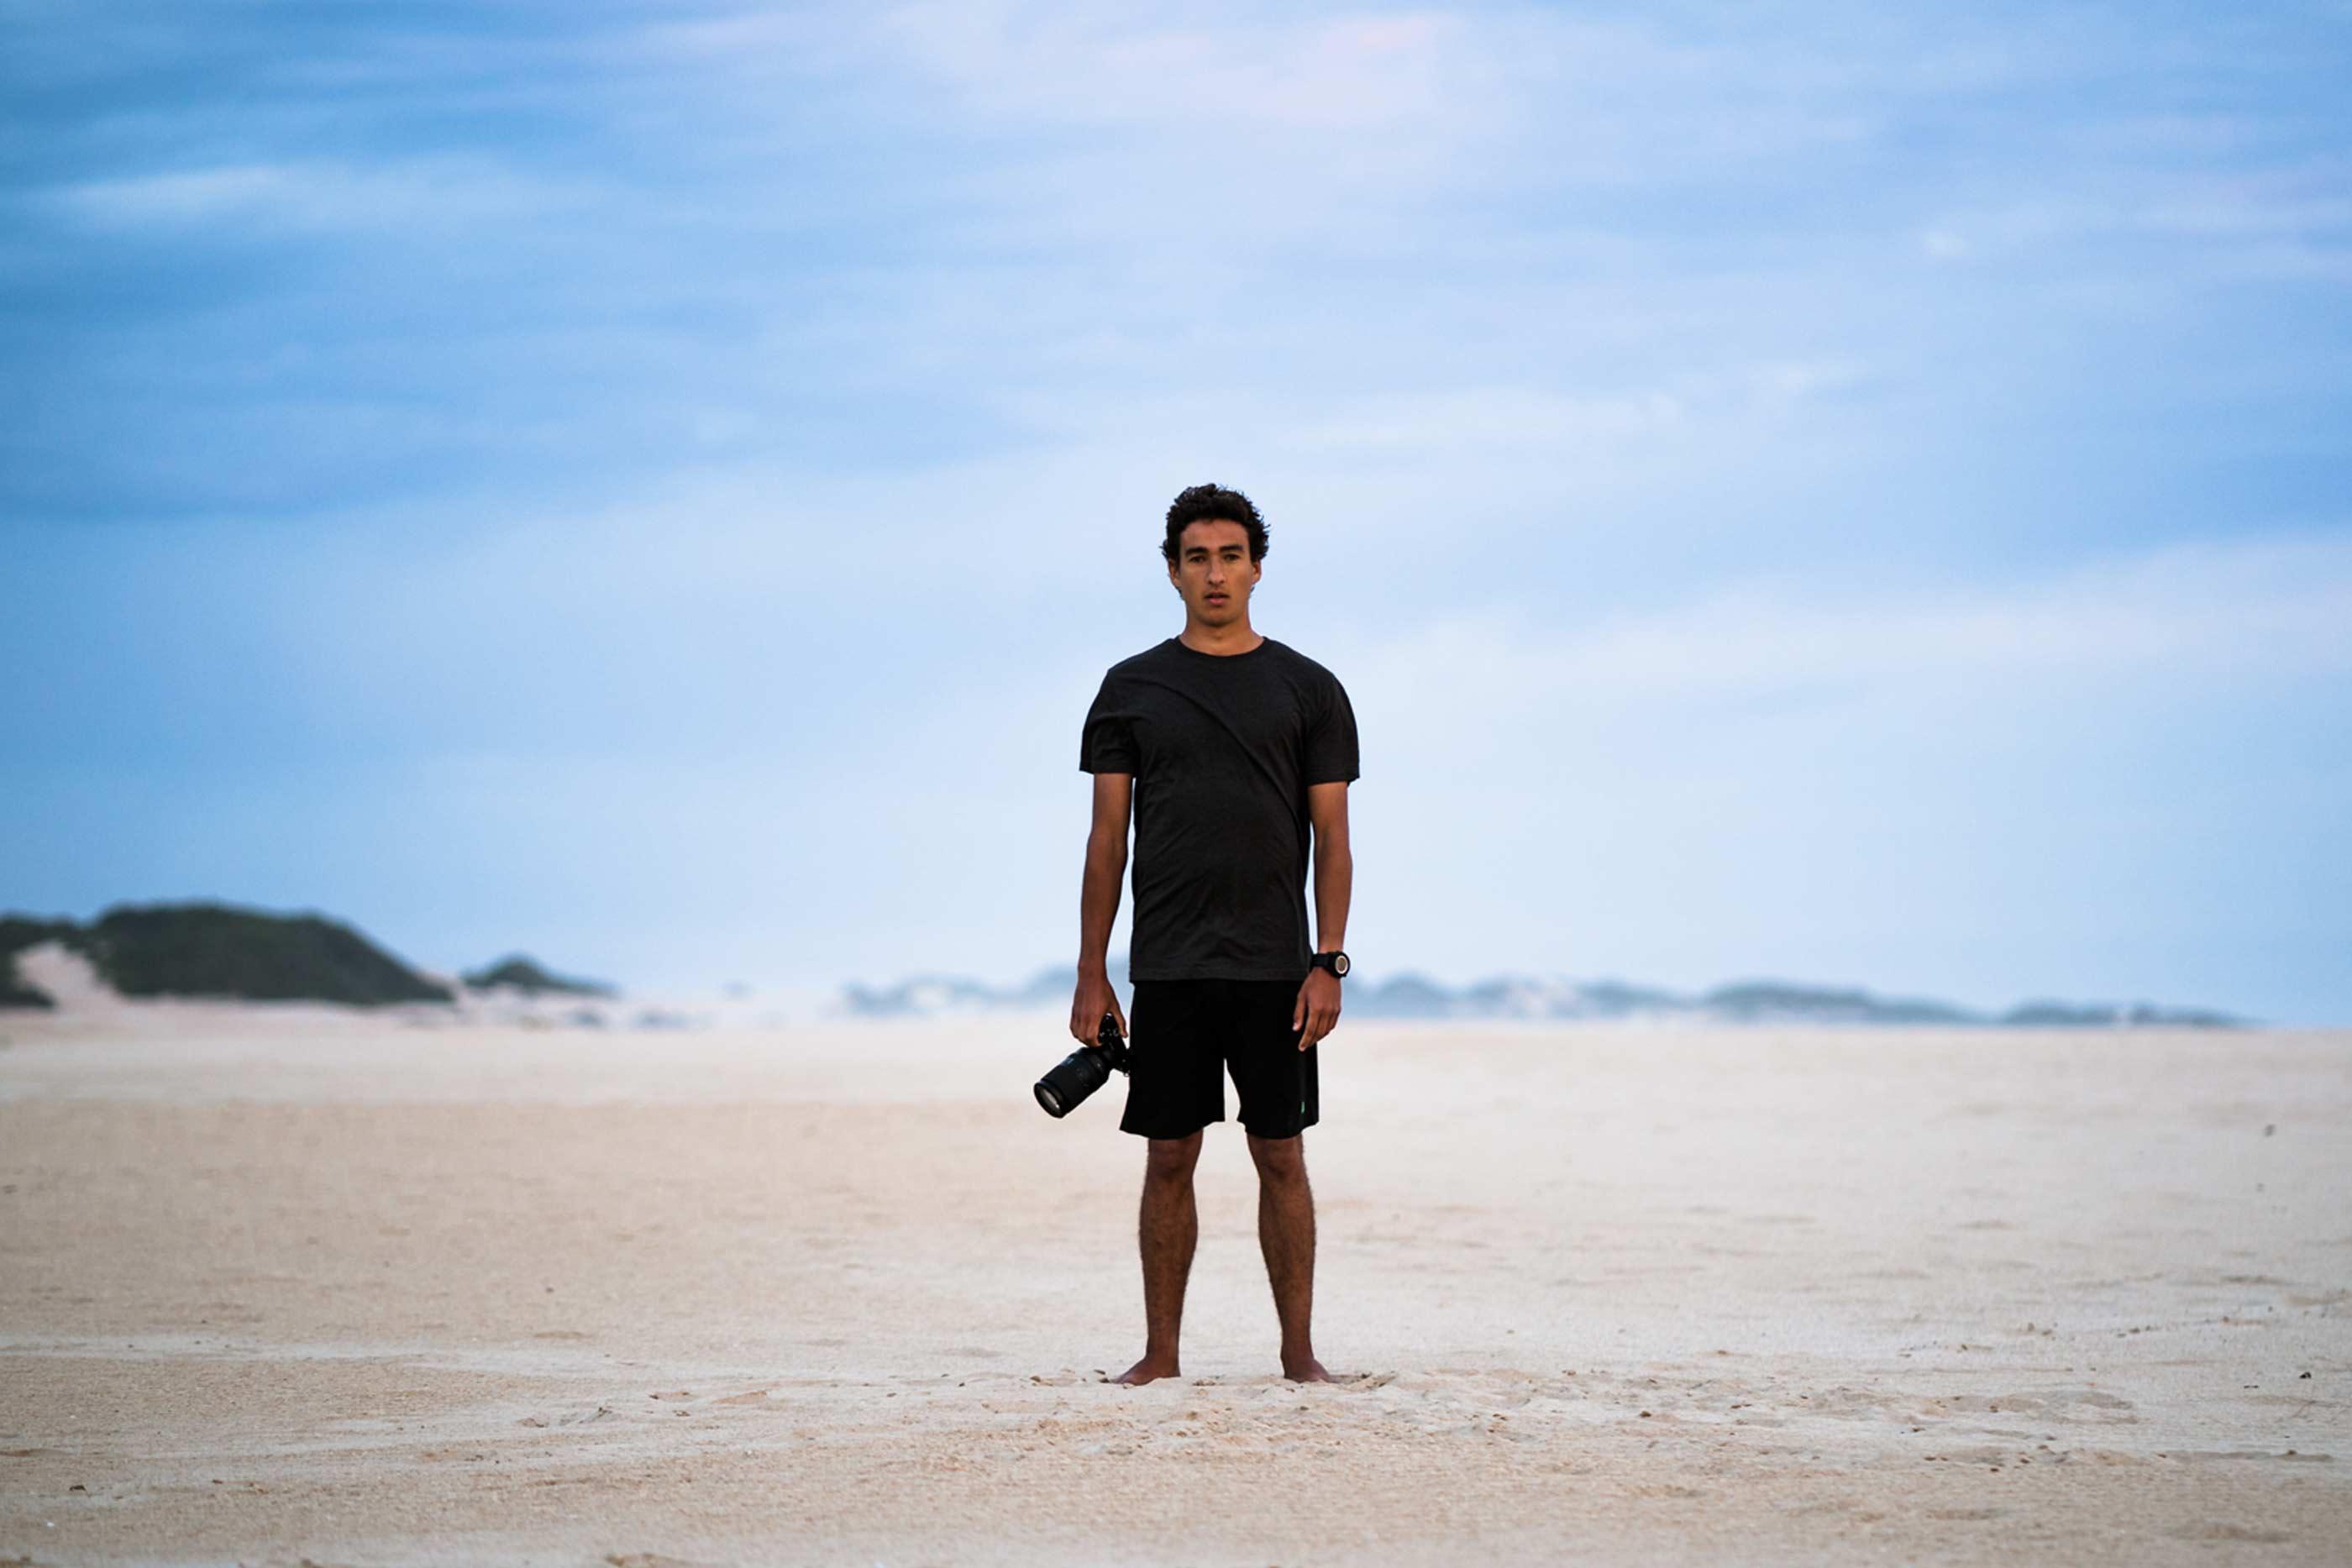 Rapaz, em pé, no centro da imagem, com máquina fotográfica na mão. No fundo, areia e céu azul.